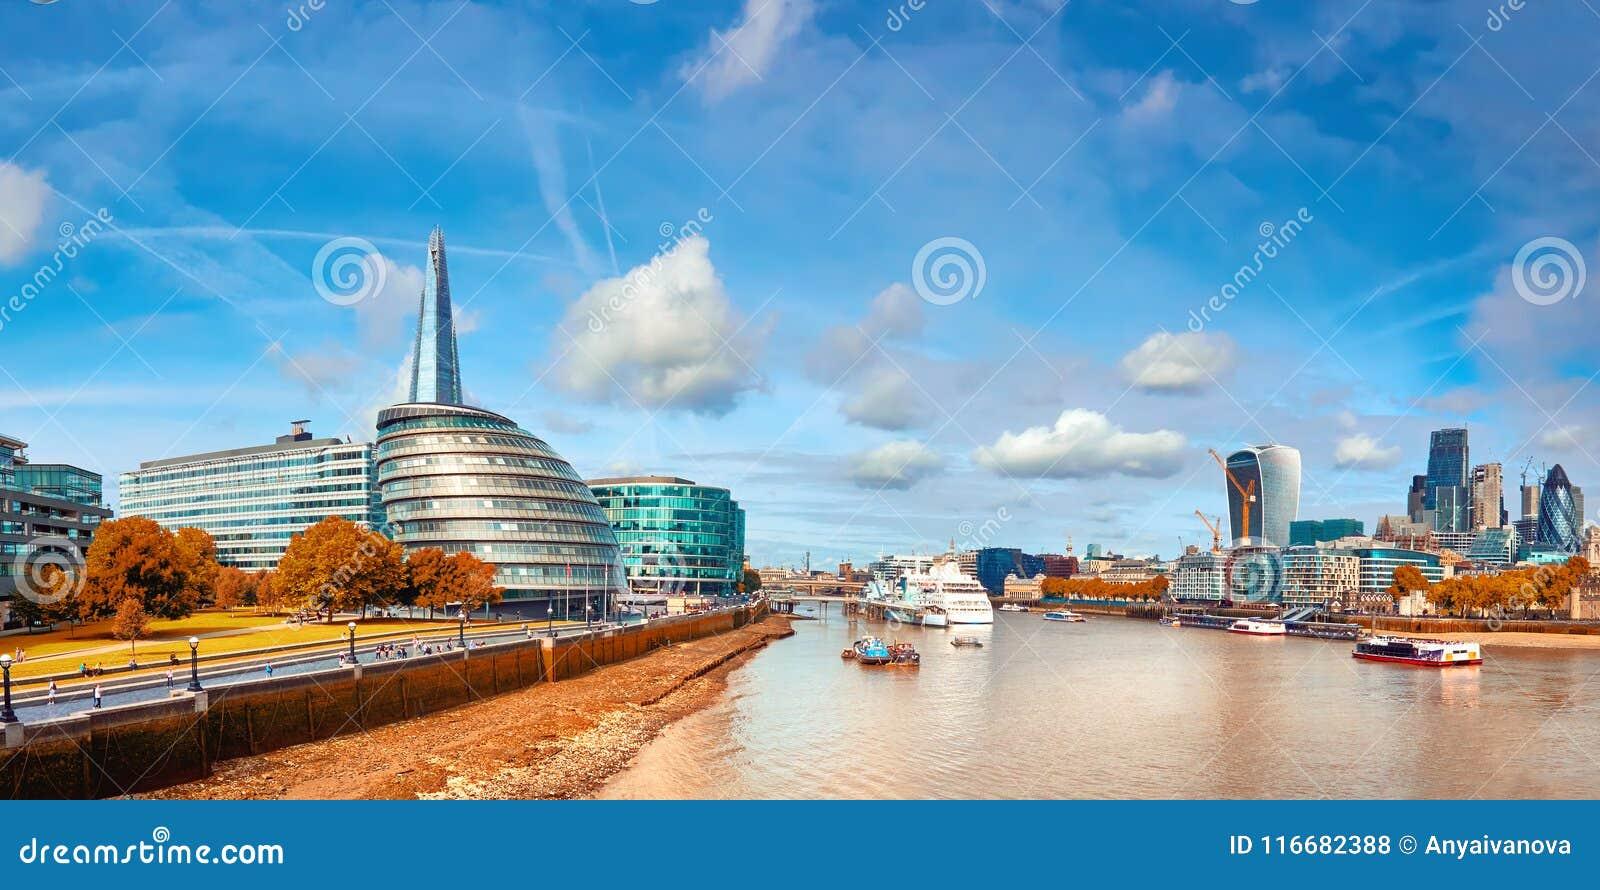 Londres, banco sul da Tamisa em um dia brilhante no outono